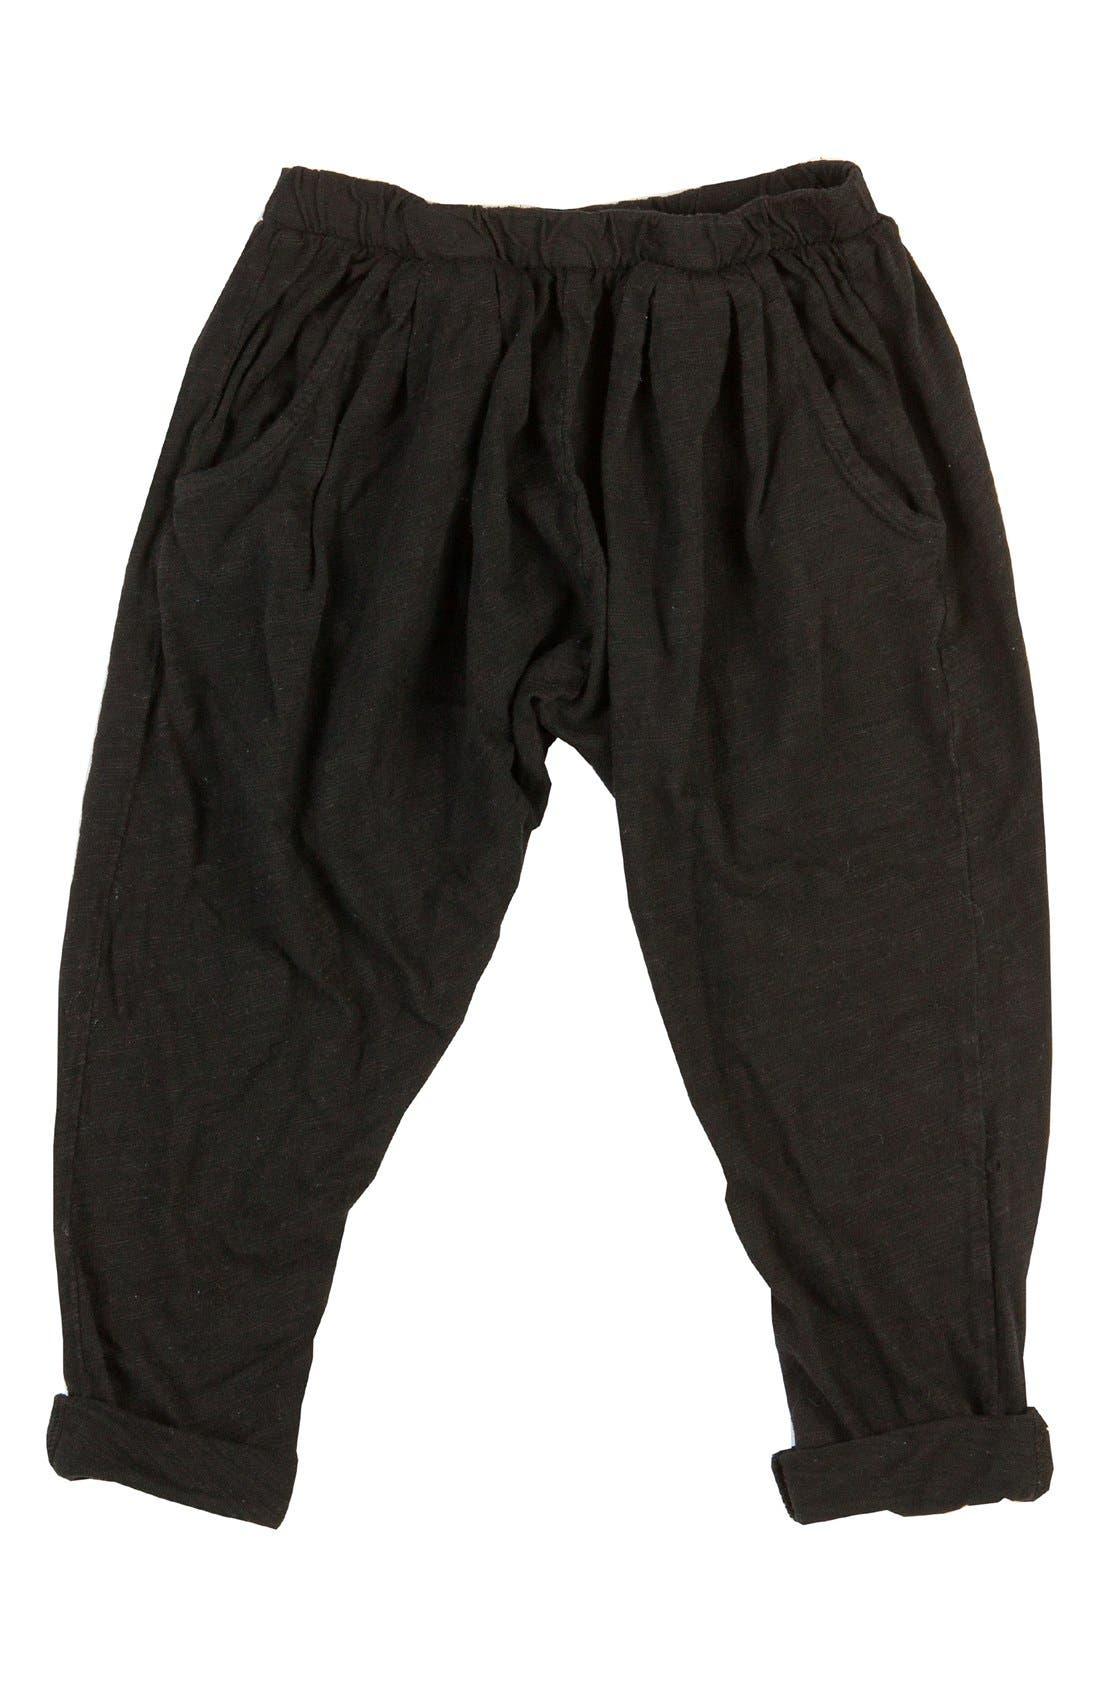 BOWIE X JAMES Harem Pants, Main, color, 001